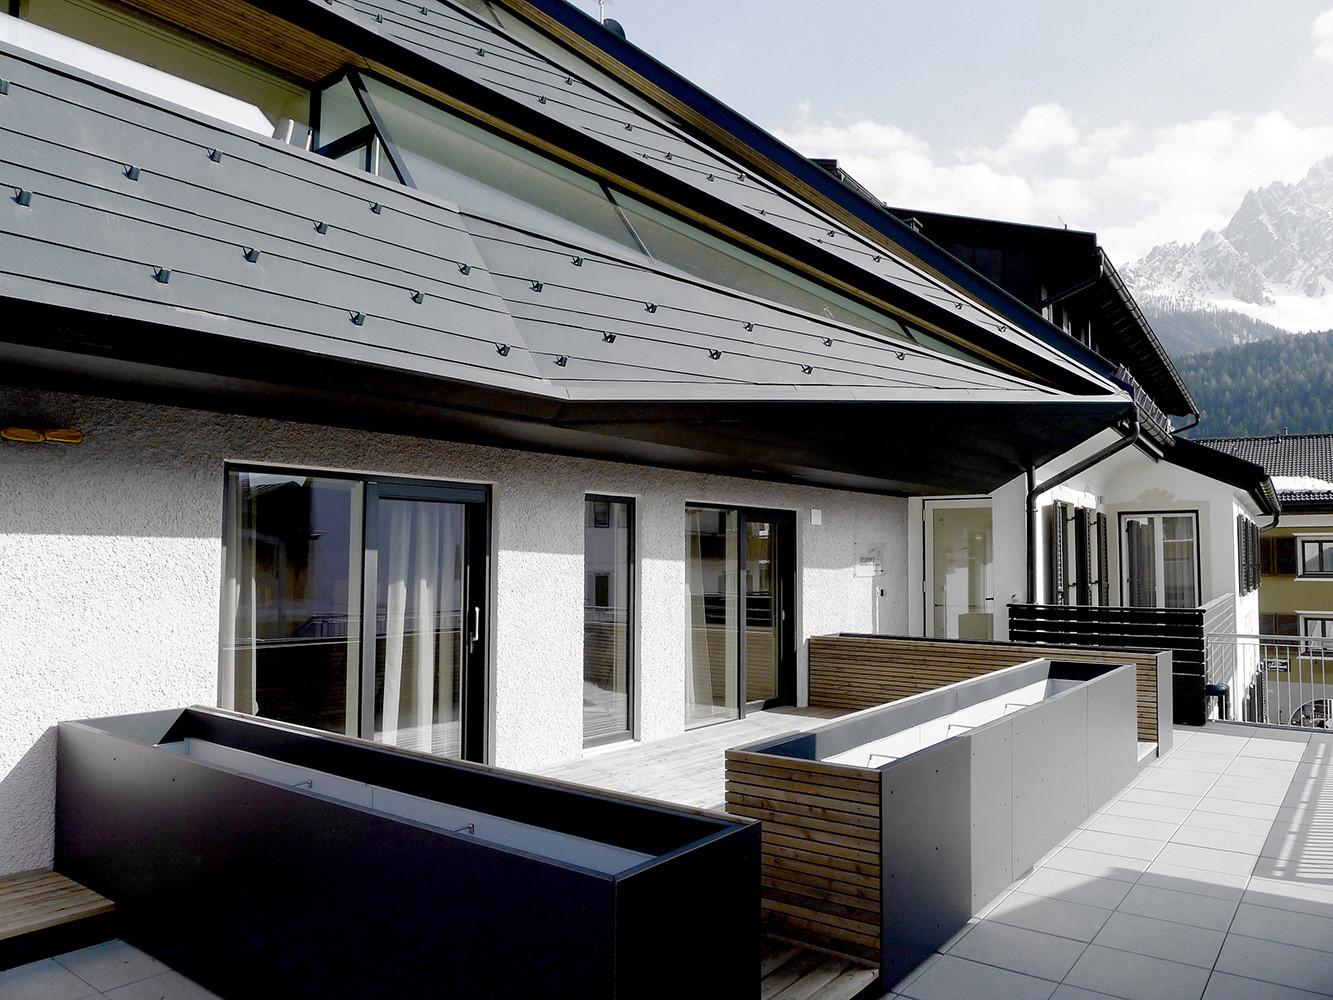 Schäfer Roofscape / Plasma Studio, © Michael Pezzei